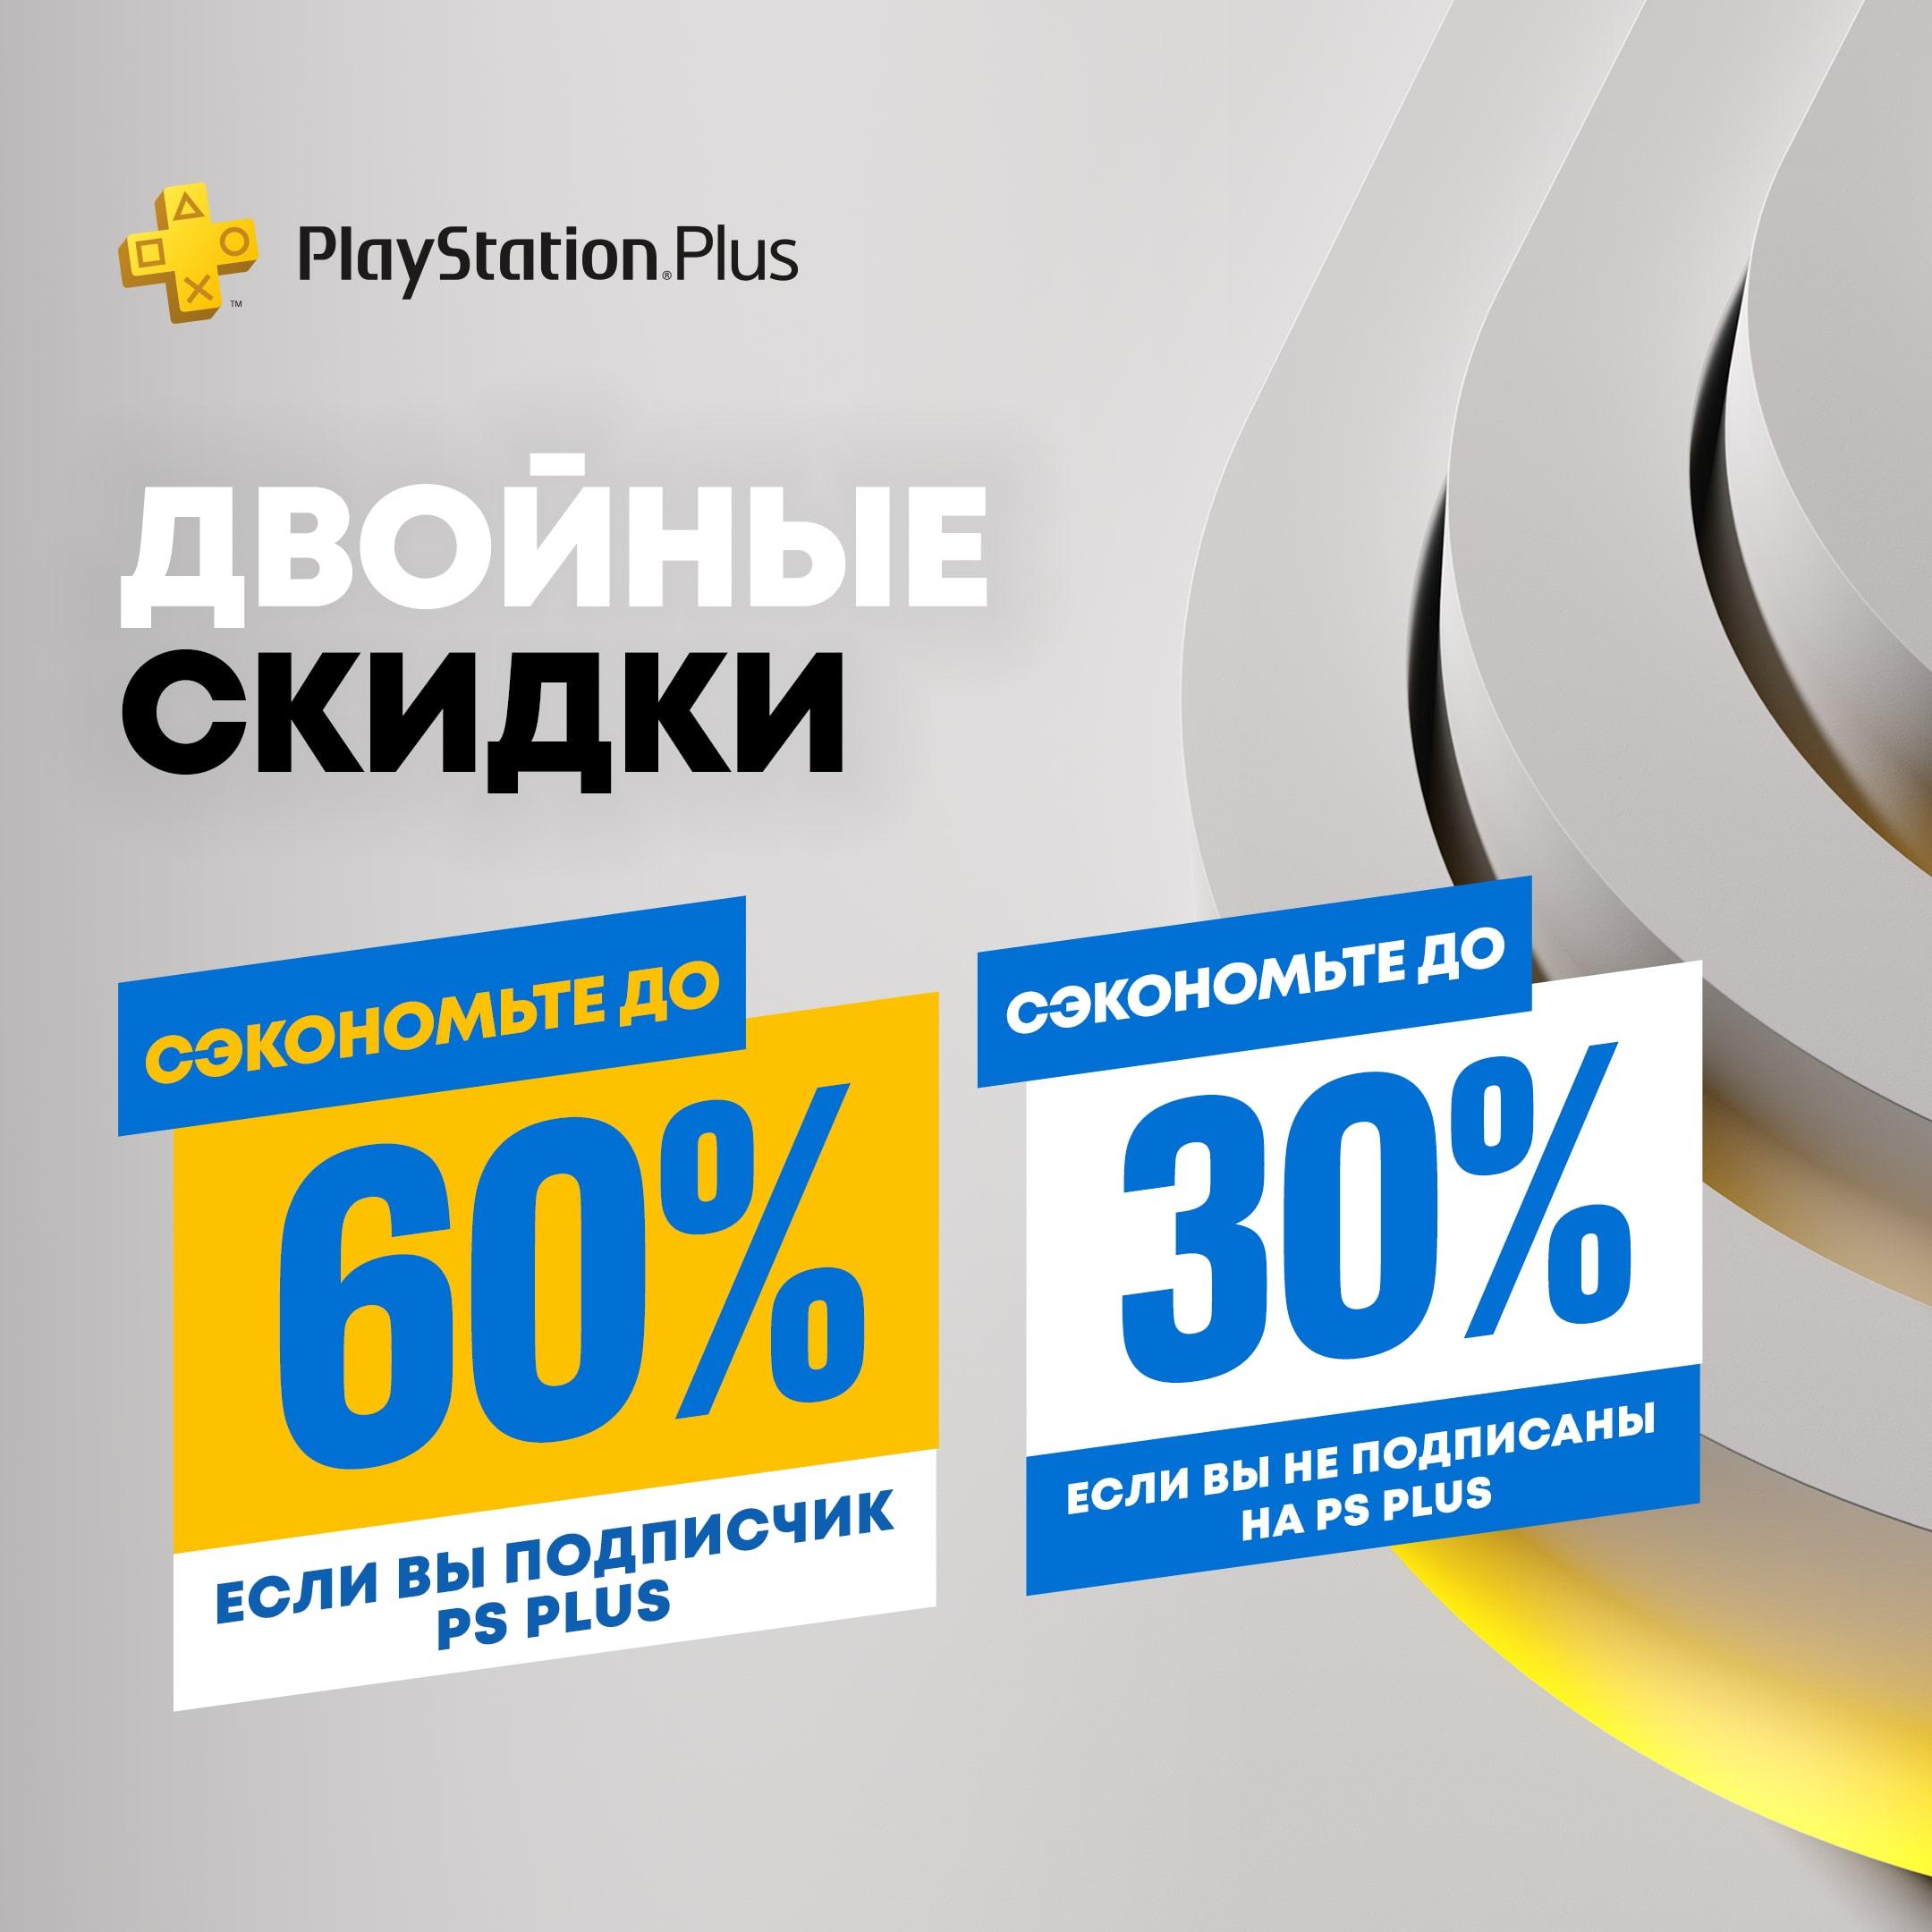 [PROMO] PS Plus Double Discounts